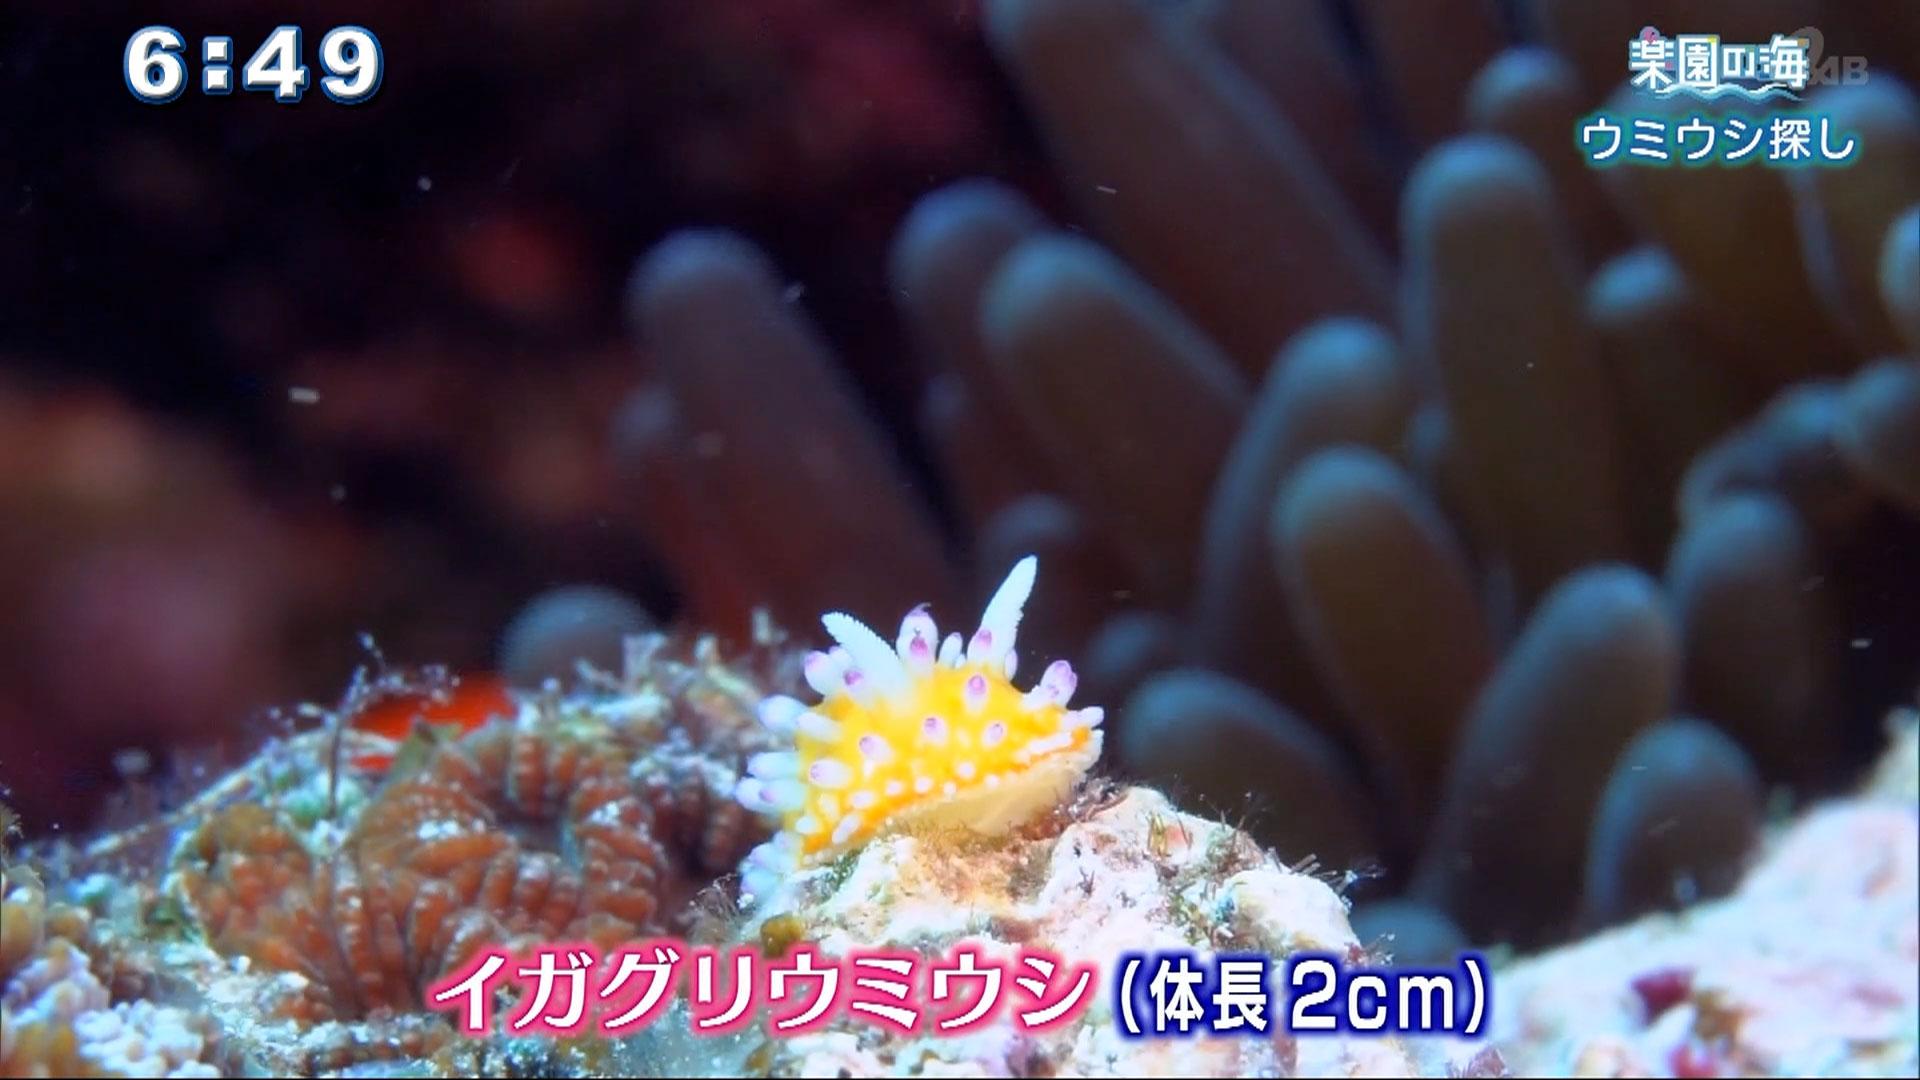 楽園の海 恩納村で海の宝石・ウミウシ探し